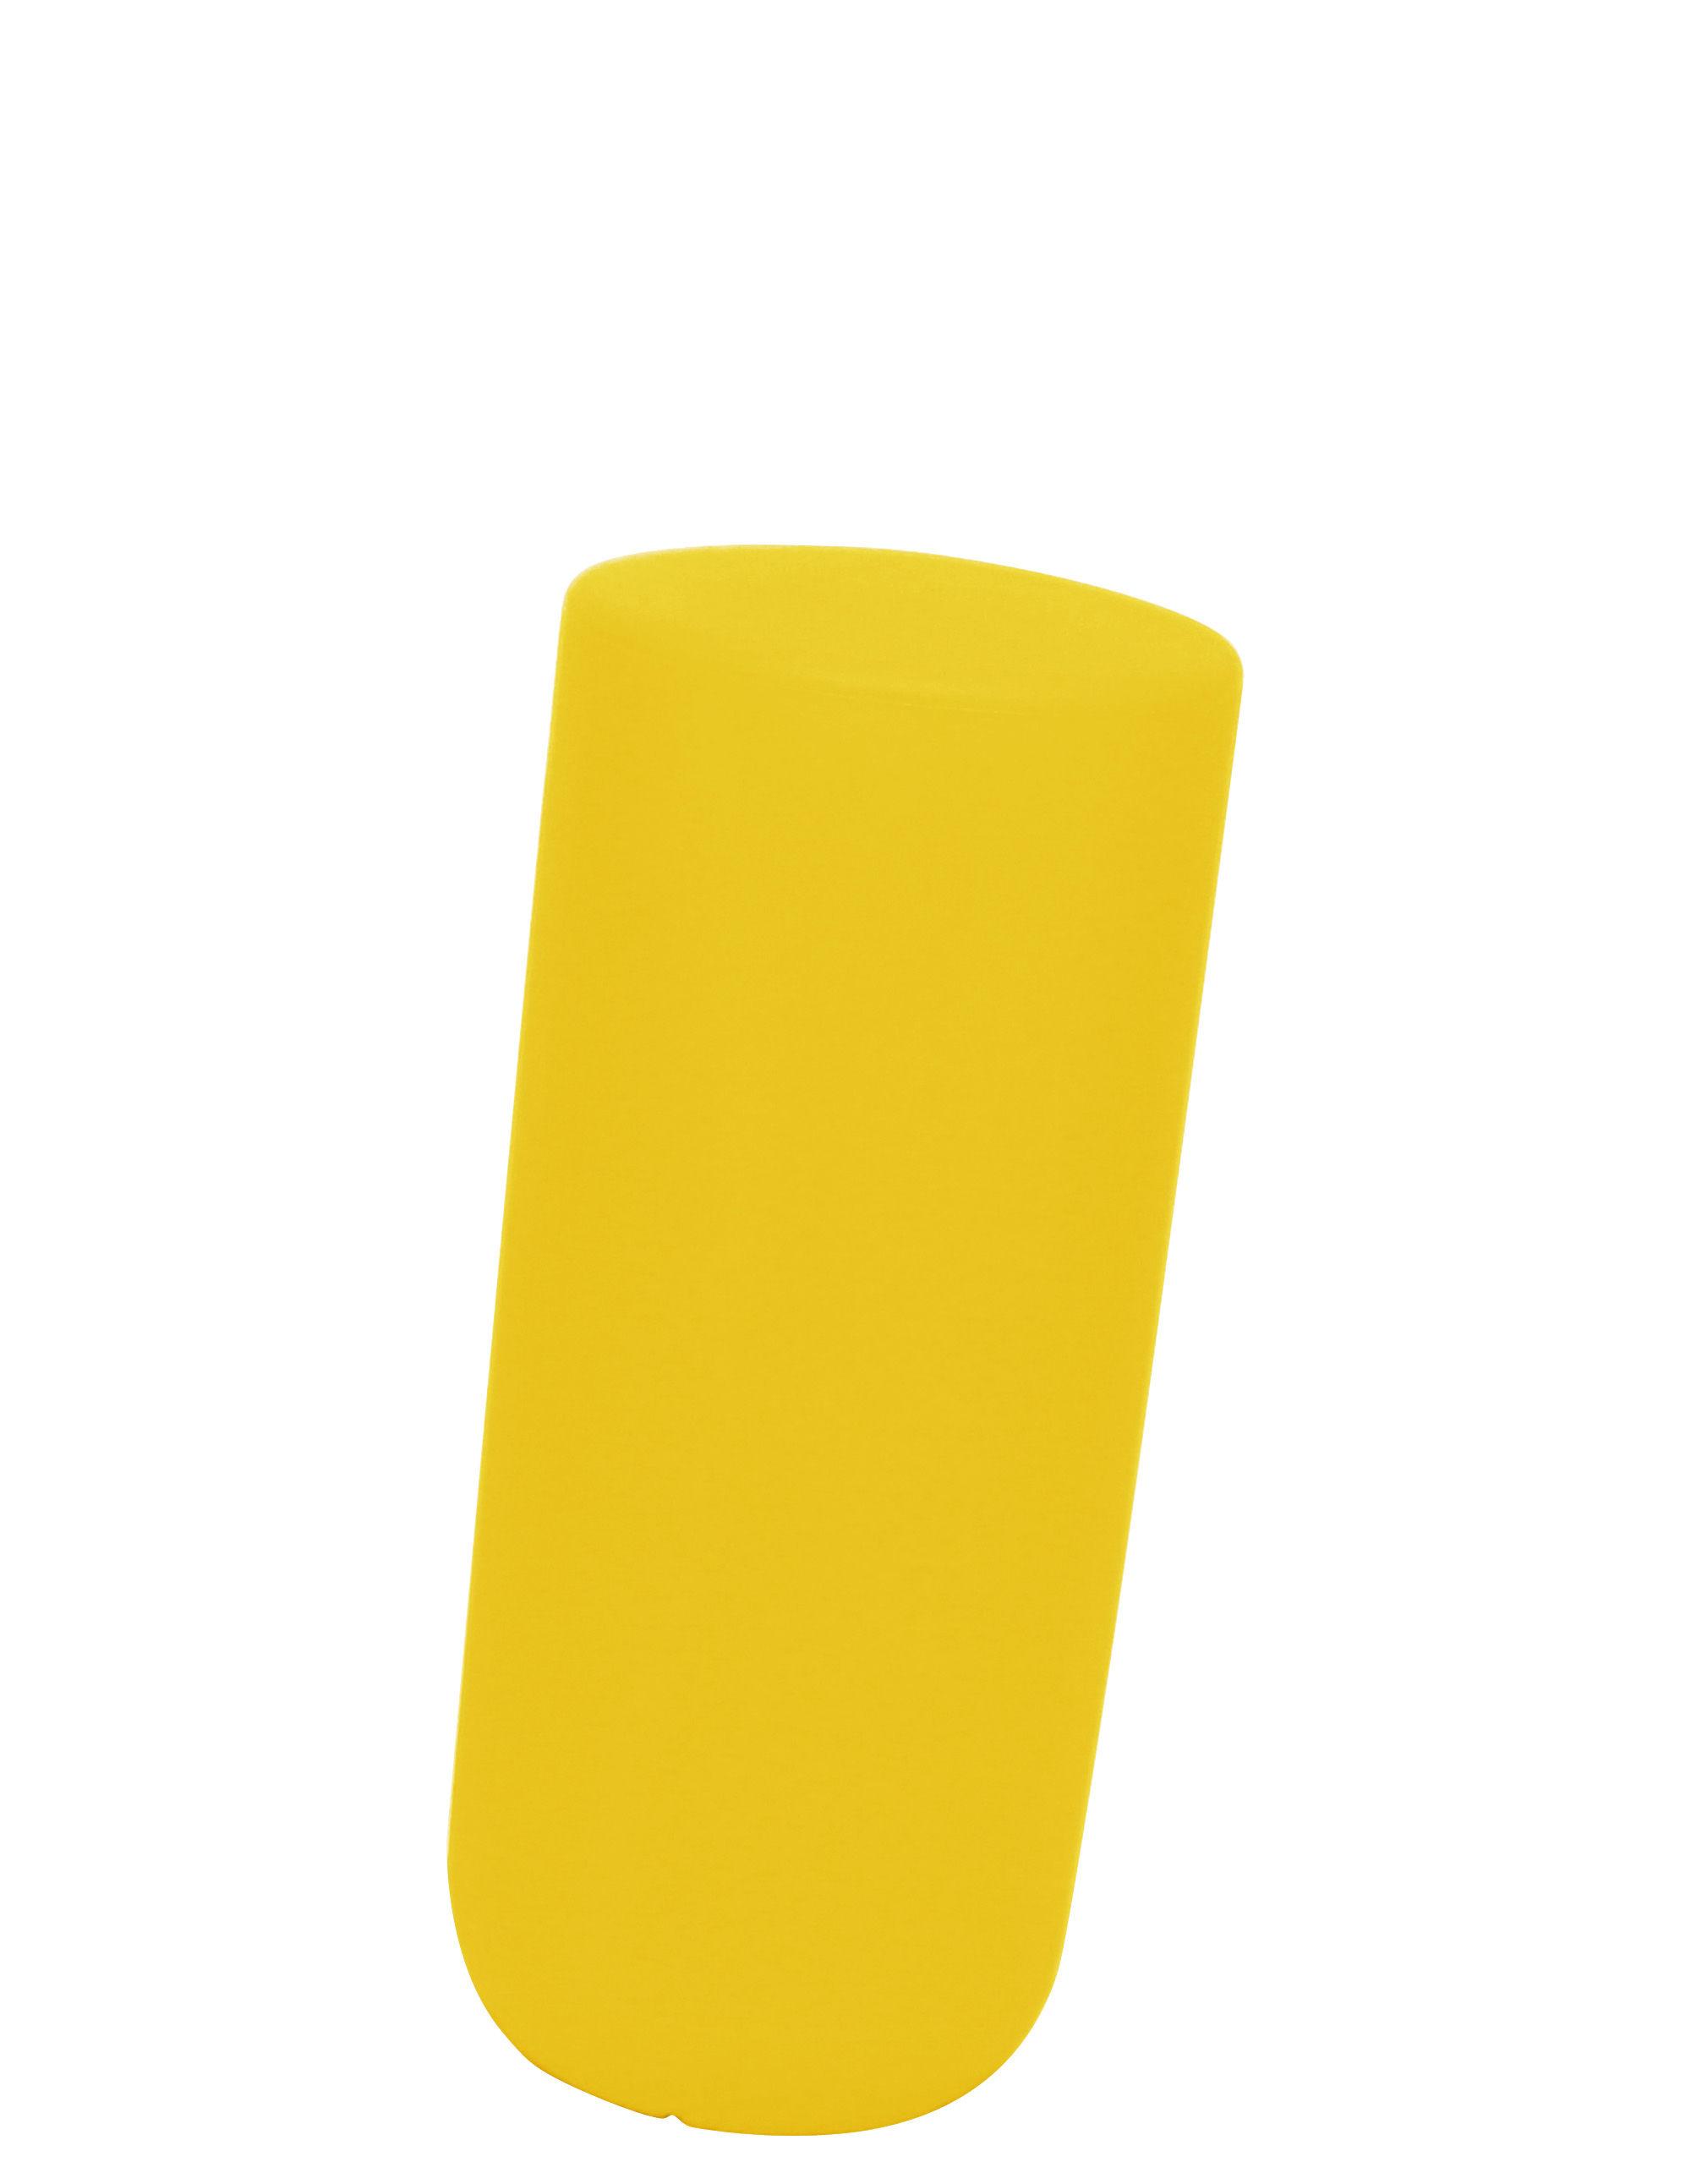 Möbel - Möbel für Teens - Sway Hocker H 50 cm - Thelermont Hupton - Gelb - Polyäthylen